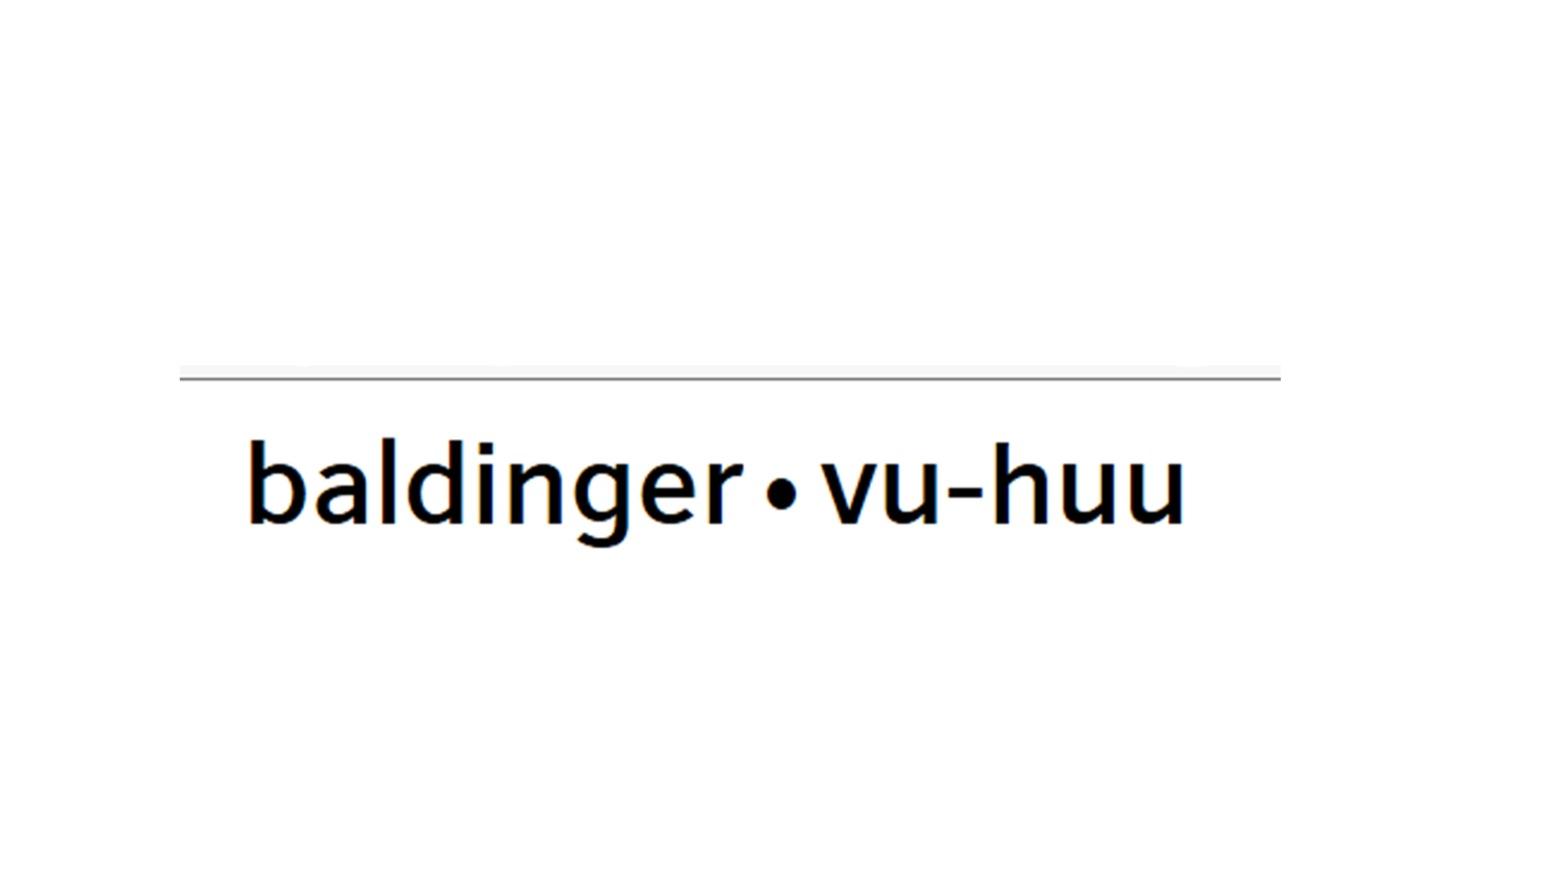 BALDINGER VU HUU.jpg